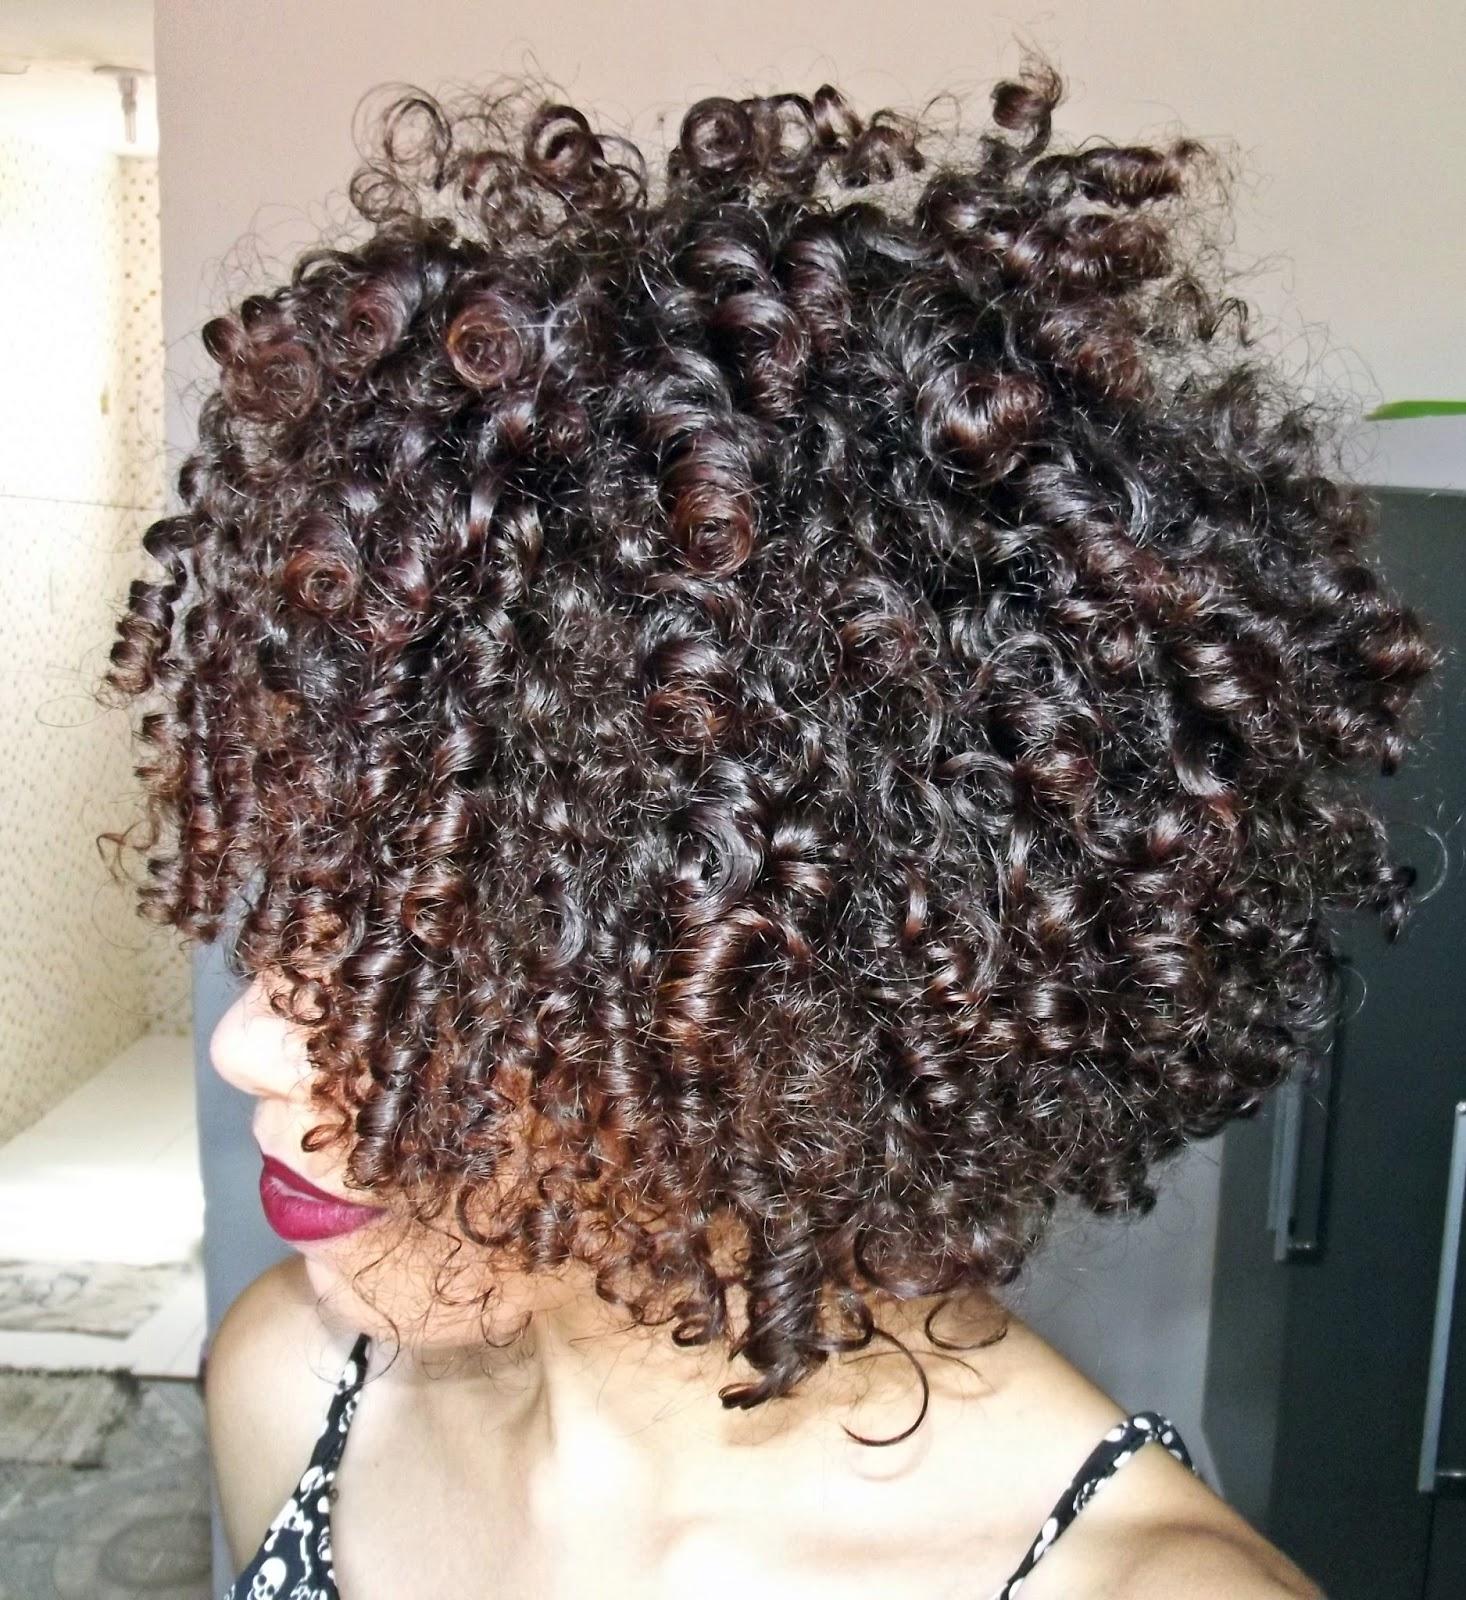 Resenha: Hidratação Profunda Cachos - Niely Gold, blog kahchear, kahchear, kahena kévya, kahena moura, kahena, kahena kevya, cachos, cabelo cacheado, cabelo crespo, crespo, cabelo volumoso, hidratação perfeita para cabelo cacheado, hidratação perfeita para cabelo crespo, hidratação perfeita para cachos, hidratação pros cachos, cabelo hidratado, hidratação para ajudar a definir,